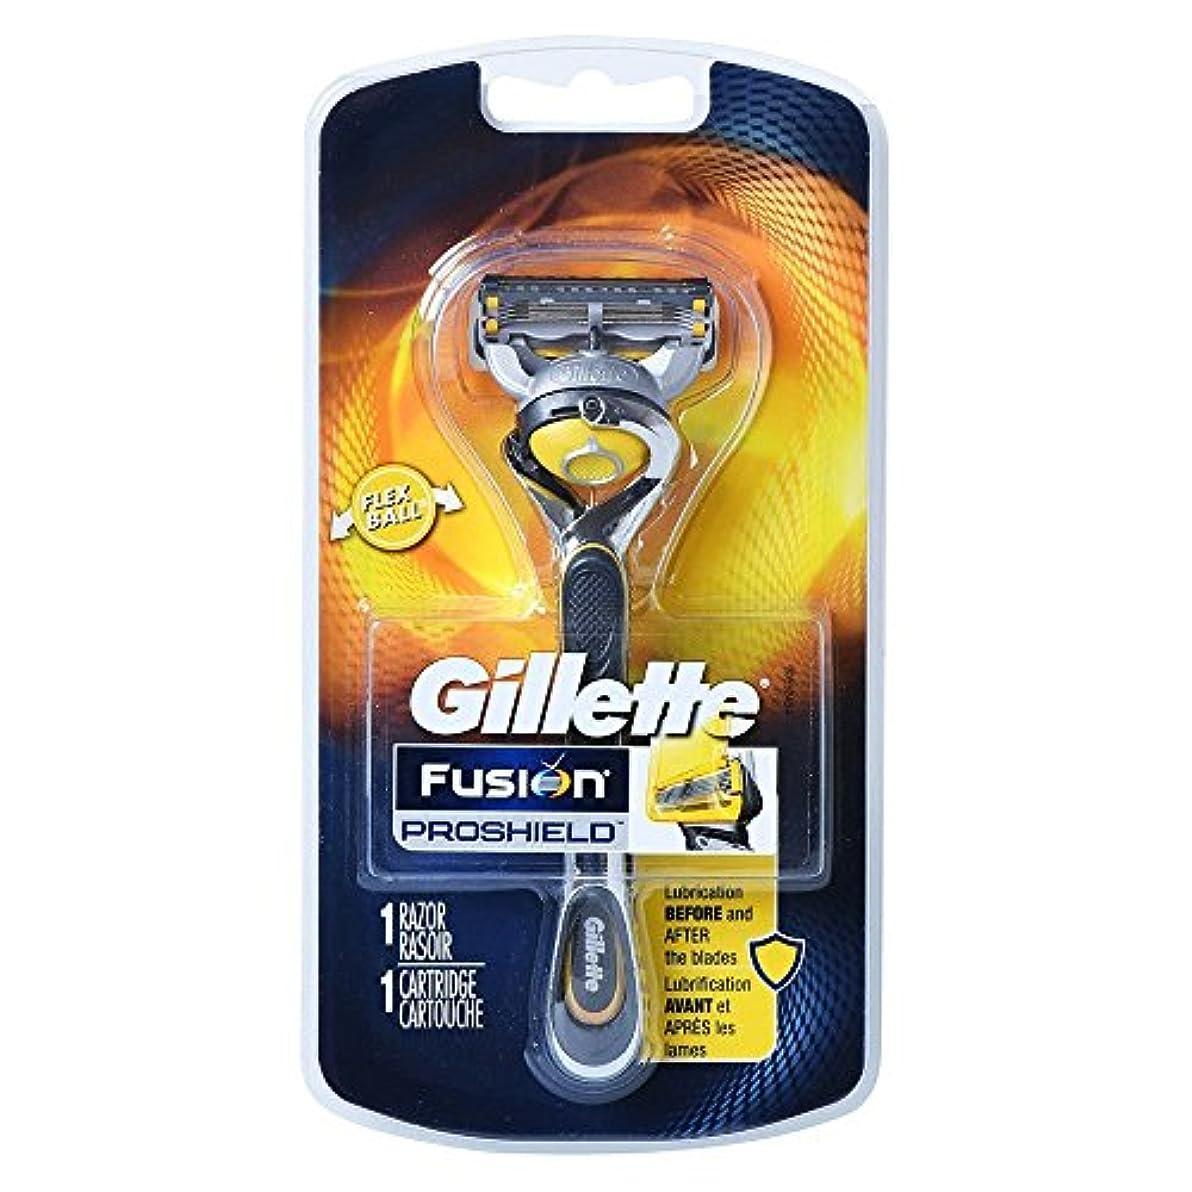 キャロライン交通渋滞火傷Gillette Fusion Proshield Yellow フレックスボール剃刀でメンズカミソリ Refrills 1 [並行輸入品]